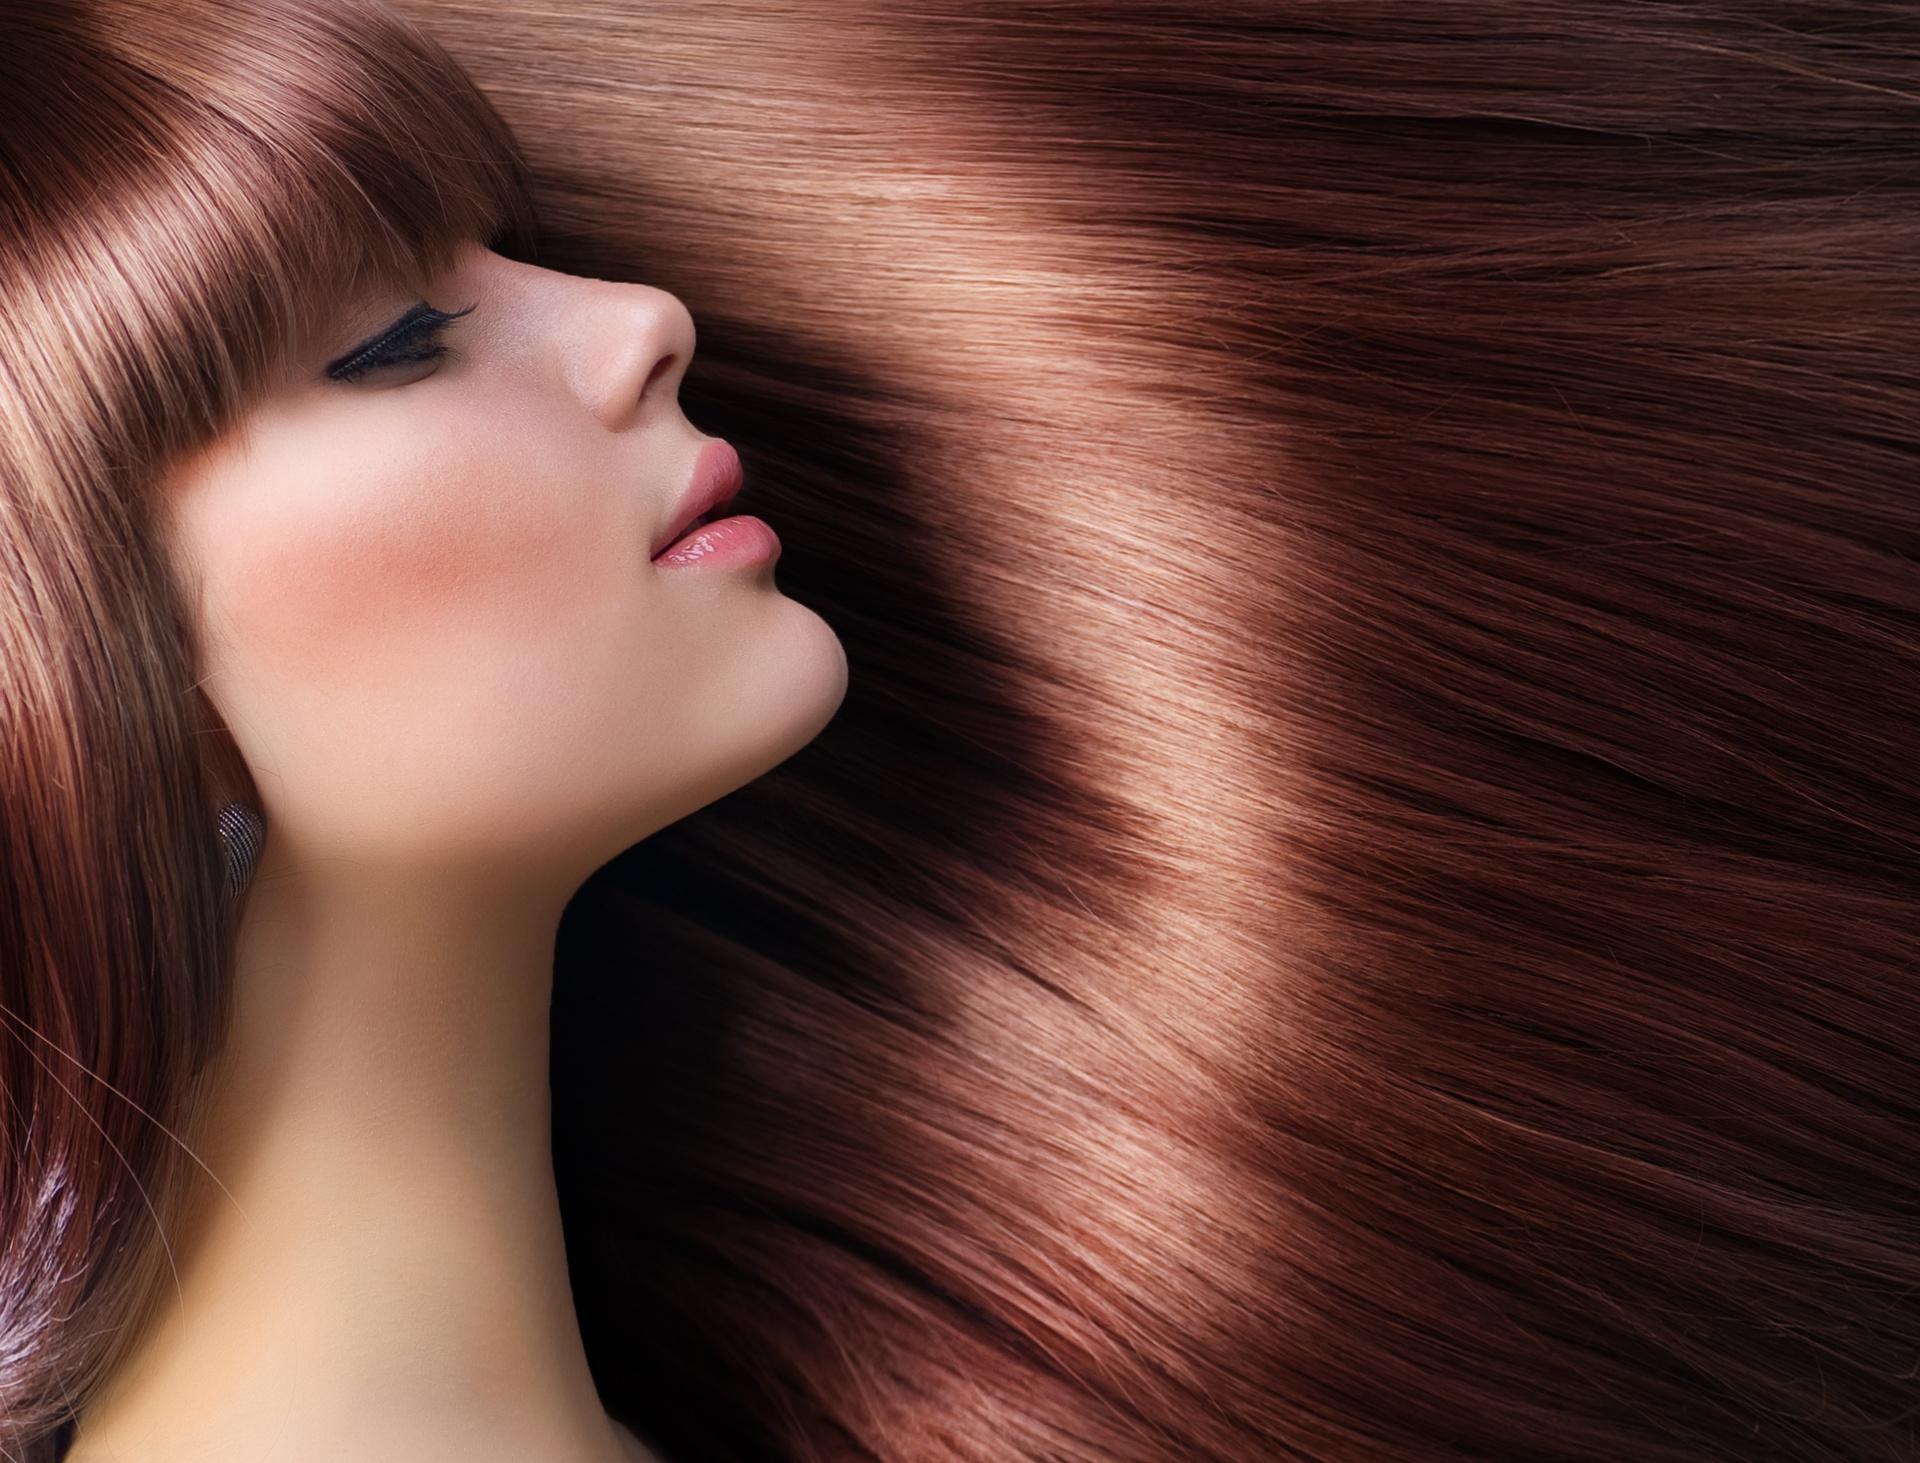 Les cheveux sont fouettés quand quelles vitamines ne saisit pas